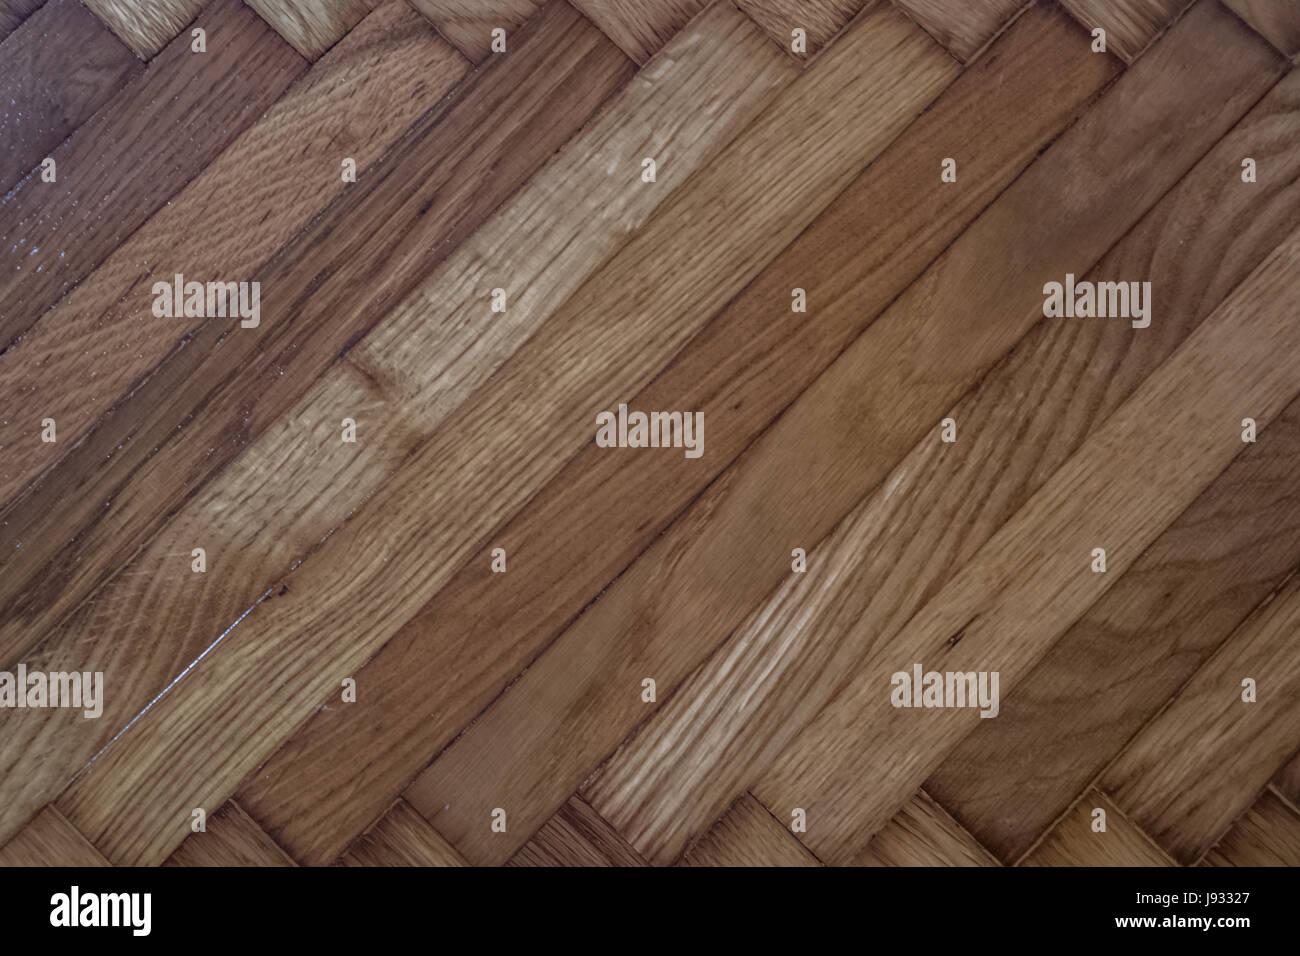 Texture di legno lo sfondo di piastrelle pianale interno o design